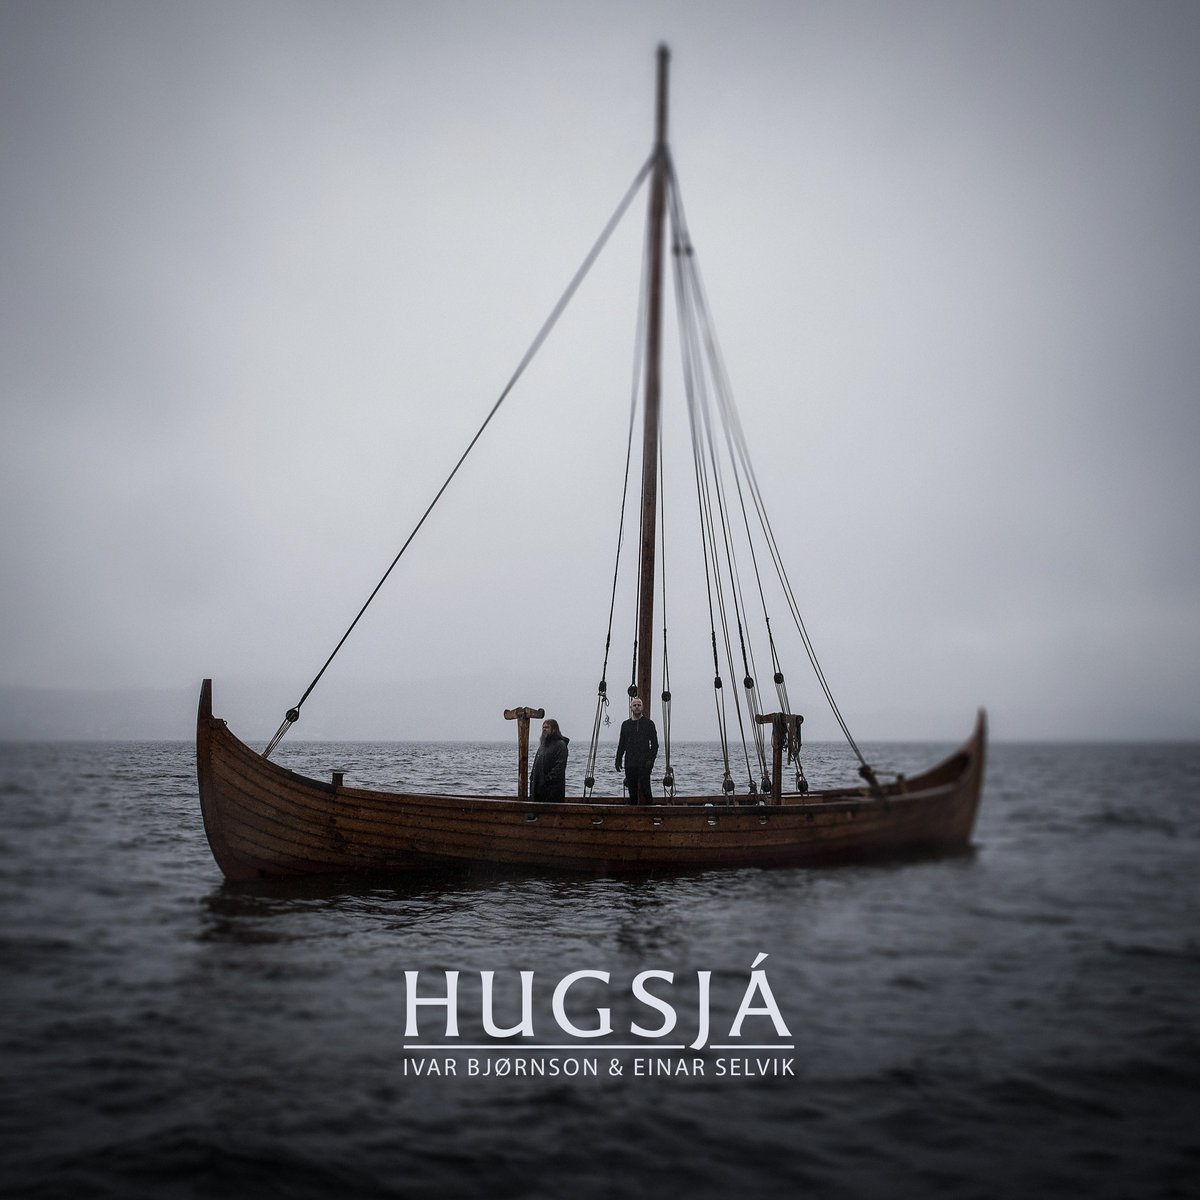 Αποτέλεσμα εικόνας για huggsja